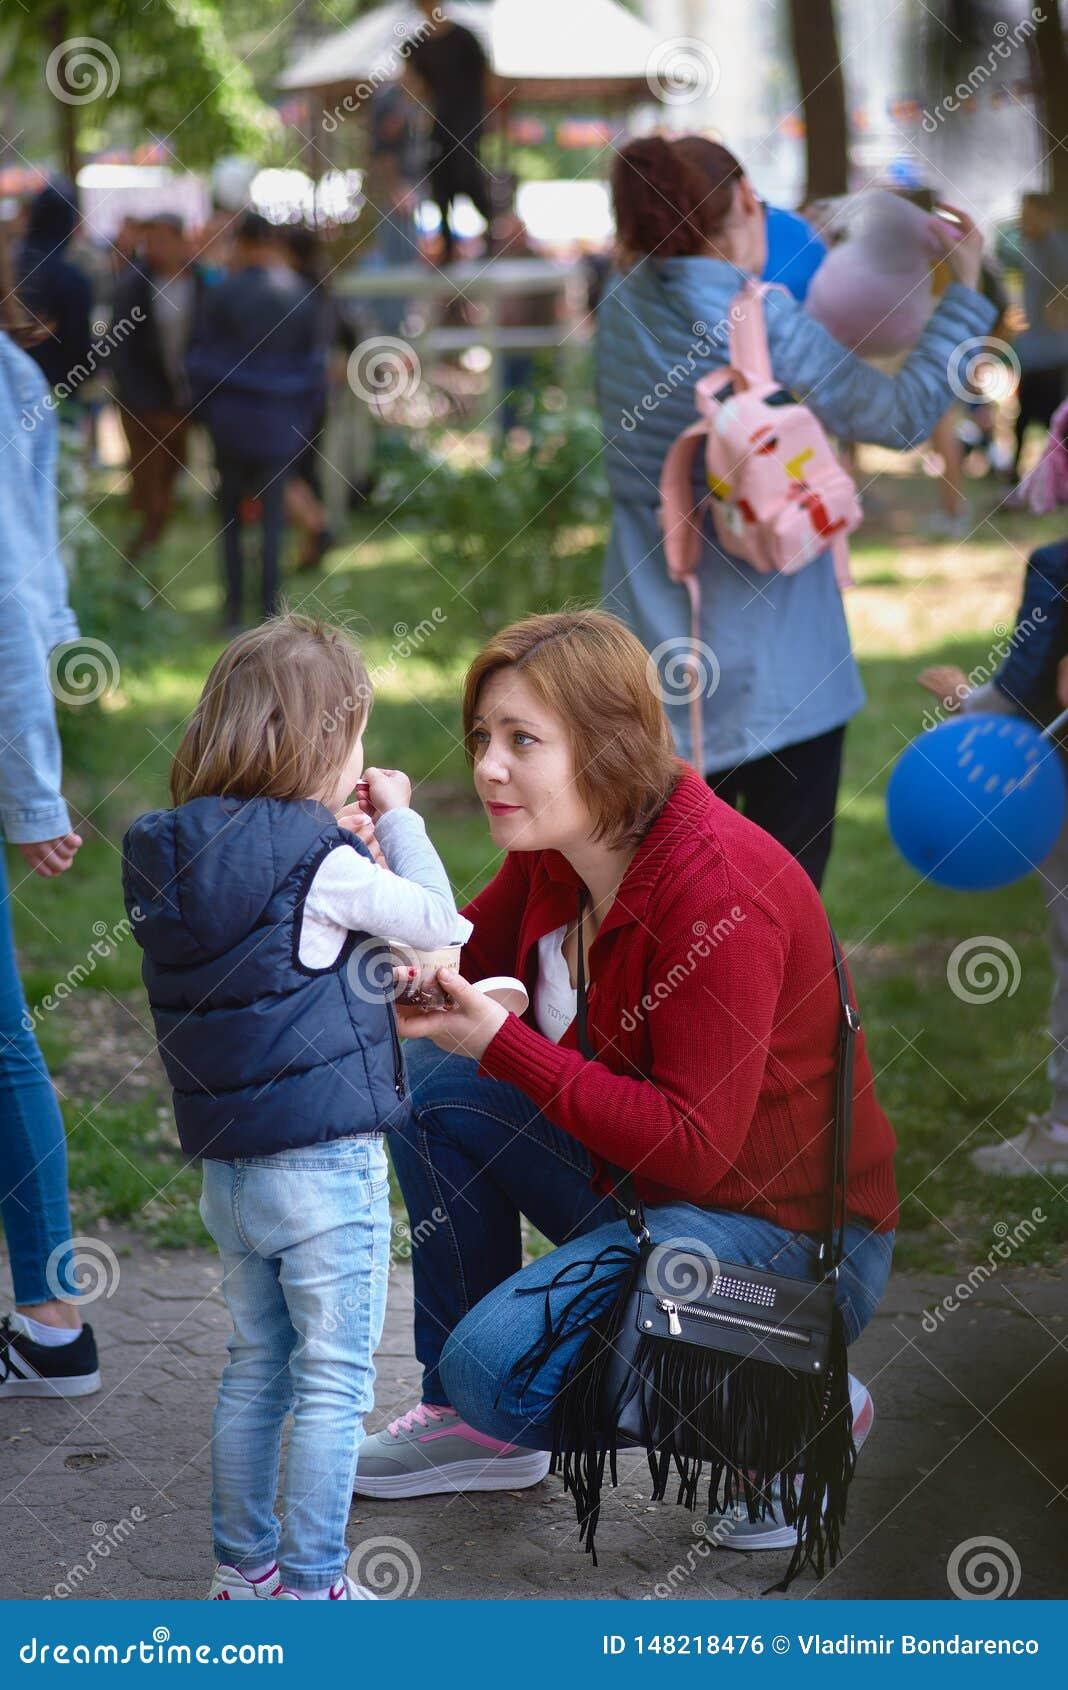 Chisinau, Δημοκρατία της Μολδαβίας - 10 Μαΐου 2019: το παγωτό διανέμεται δωρεάν, μια χαρούμενη γυναίκα δίνει το παγωτό παιδιών τη